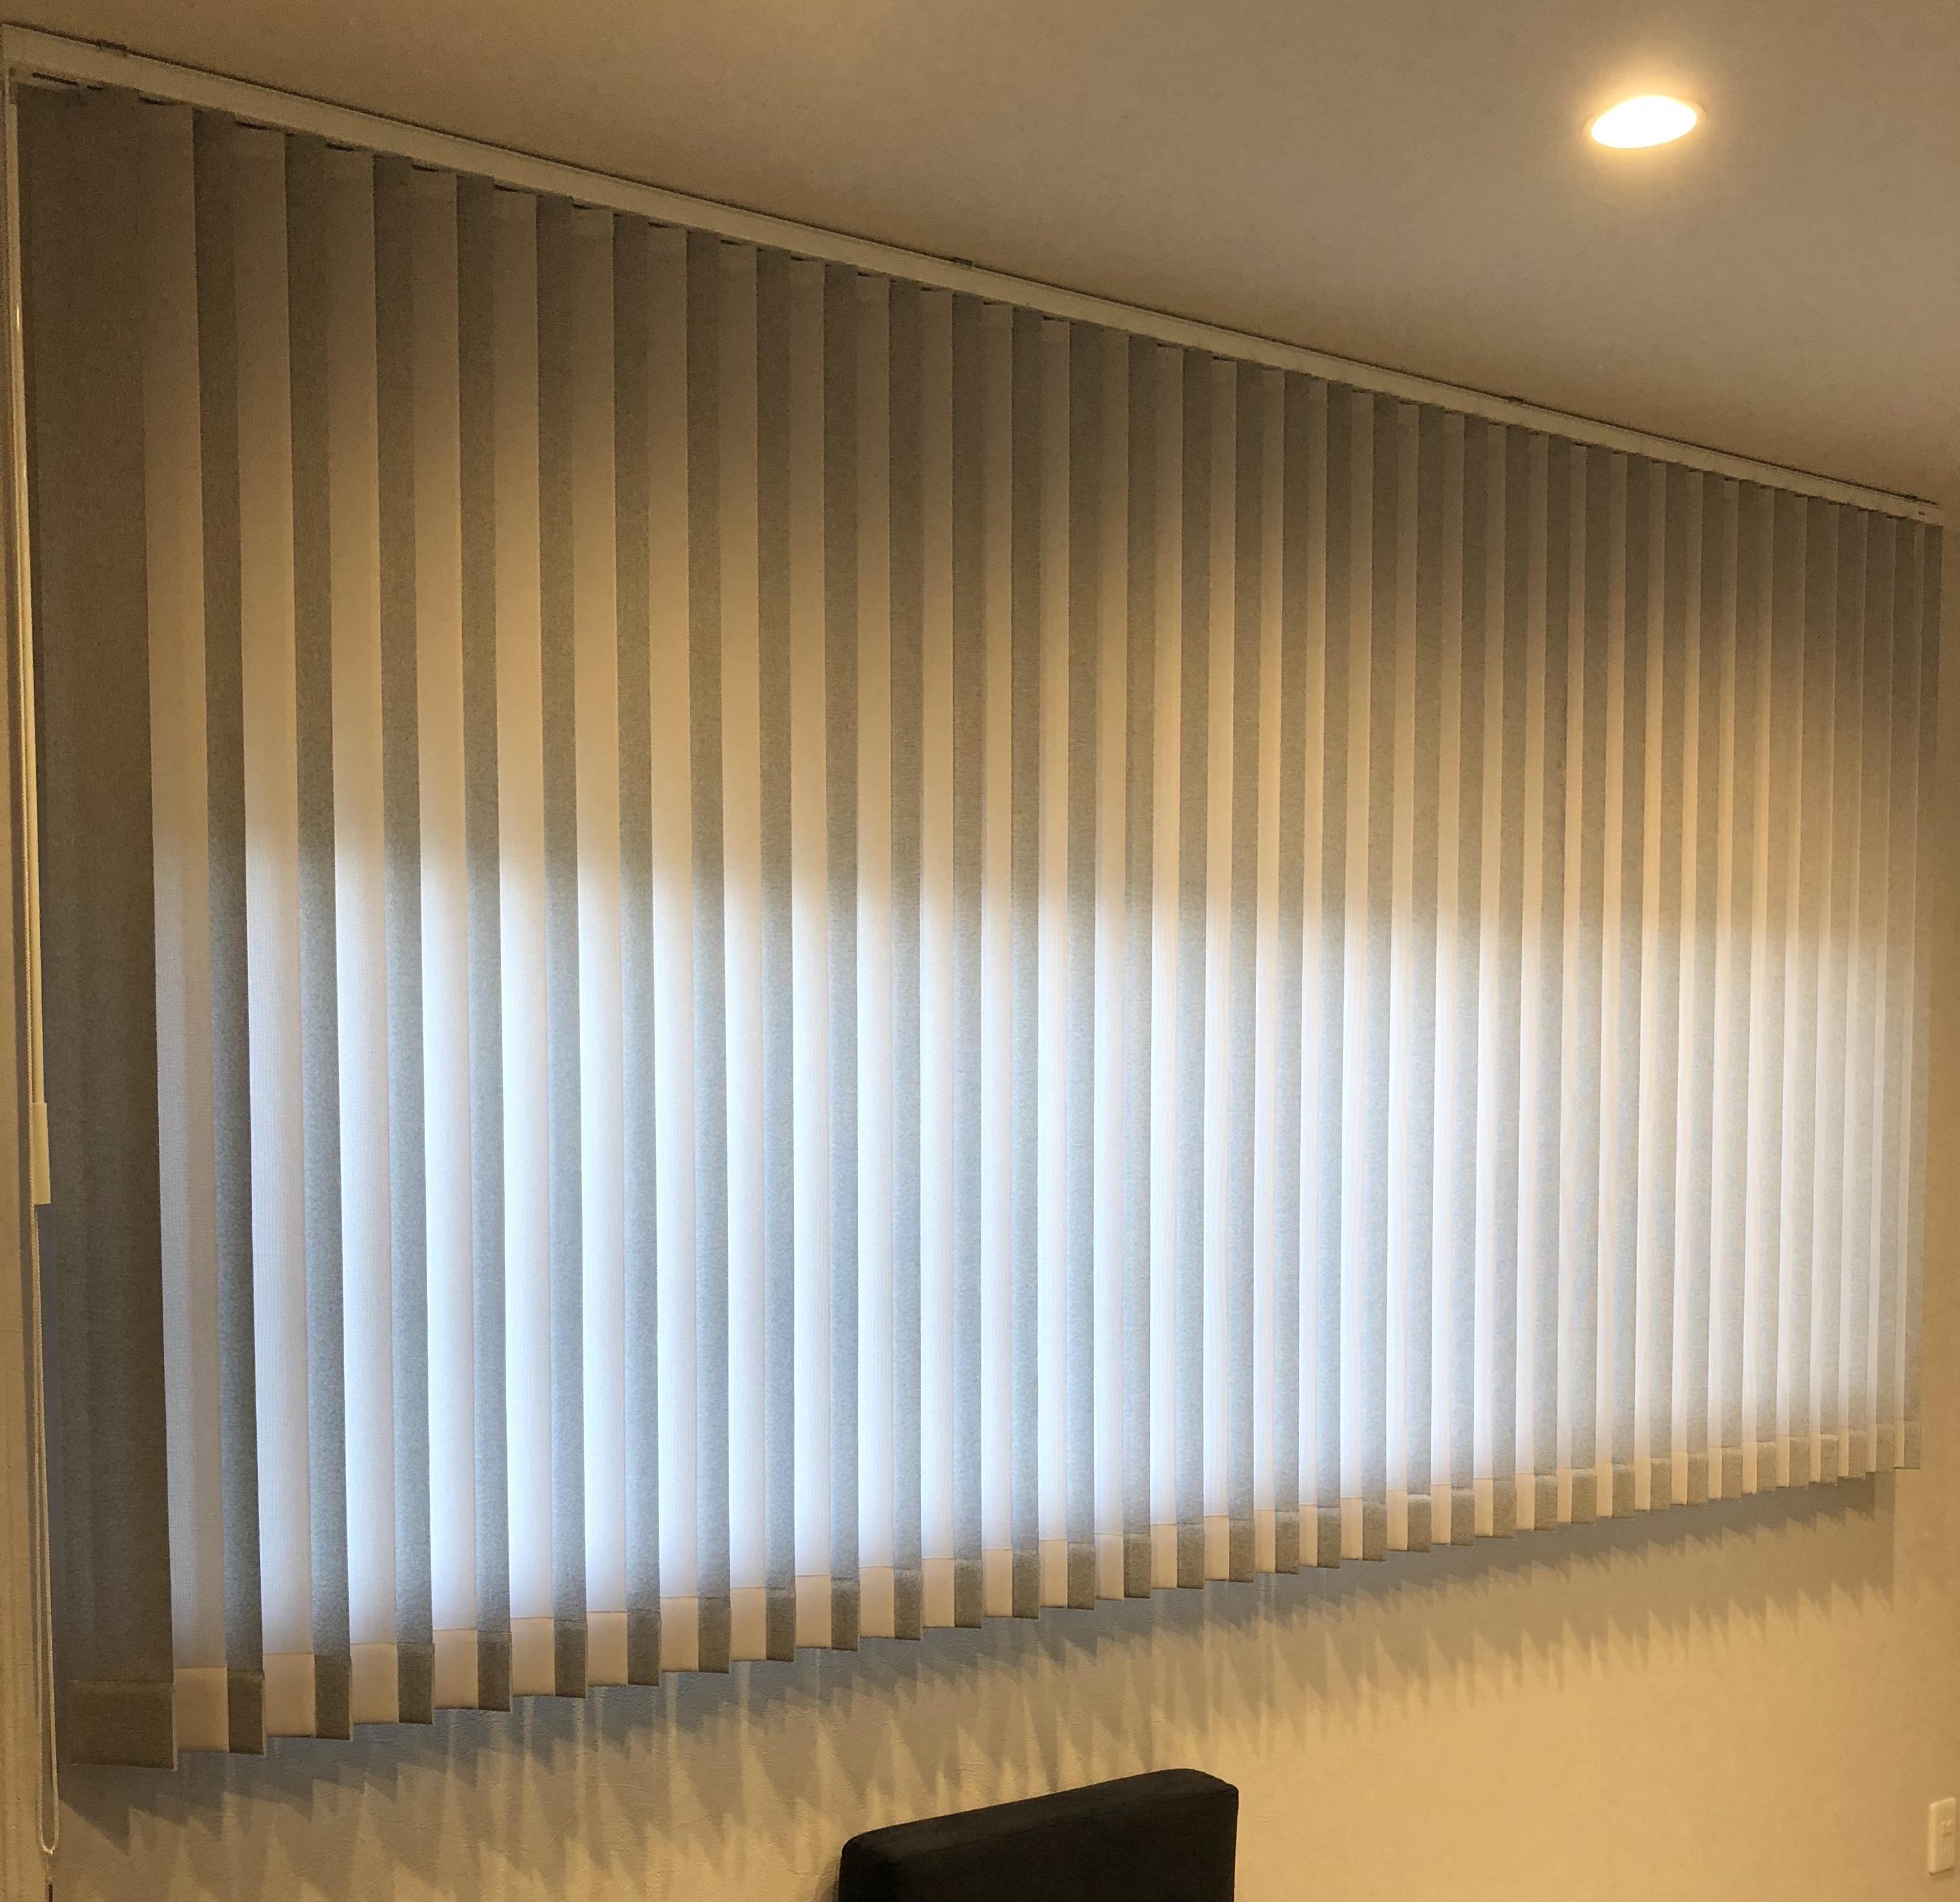 セキスイハイムのホライゾンウインドウ窓のカーテン・縦型ブラインド